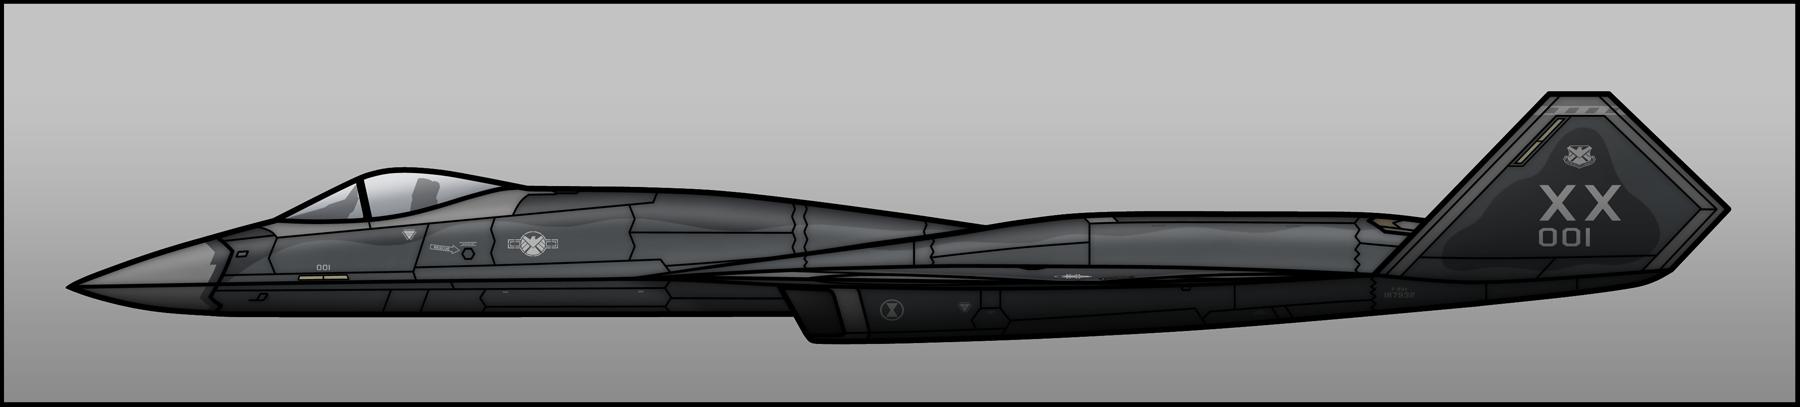 SHIELD Black Widow by Jetfreak-7